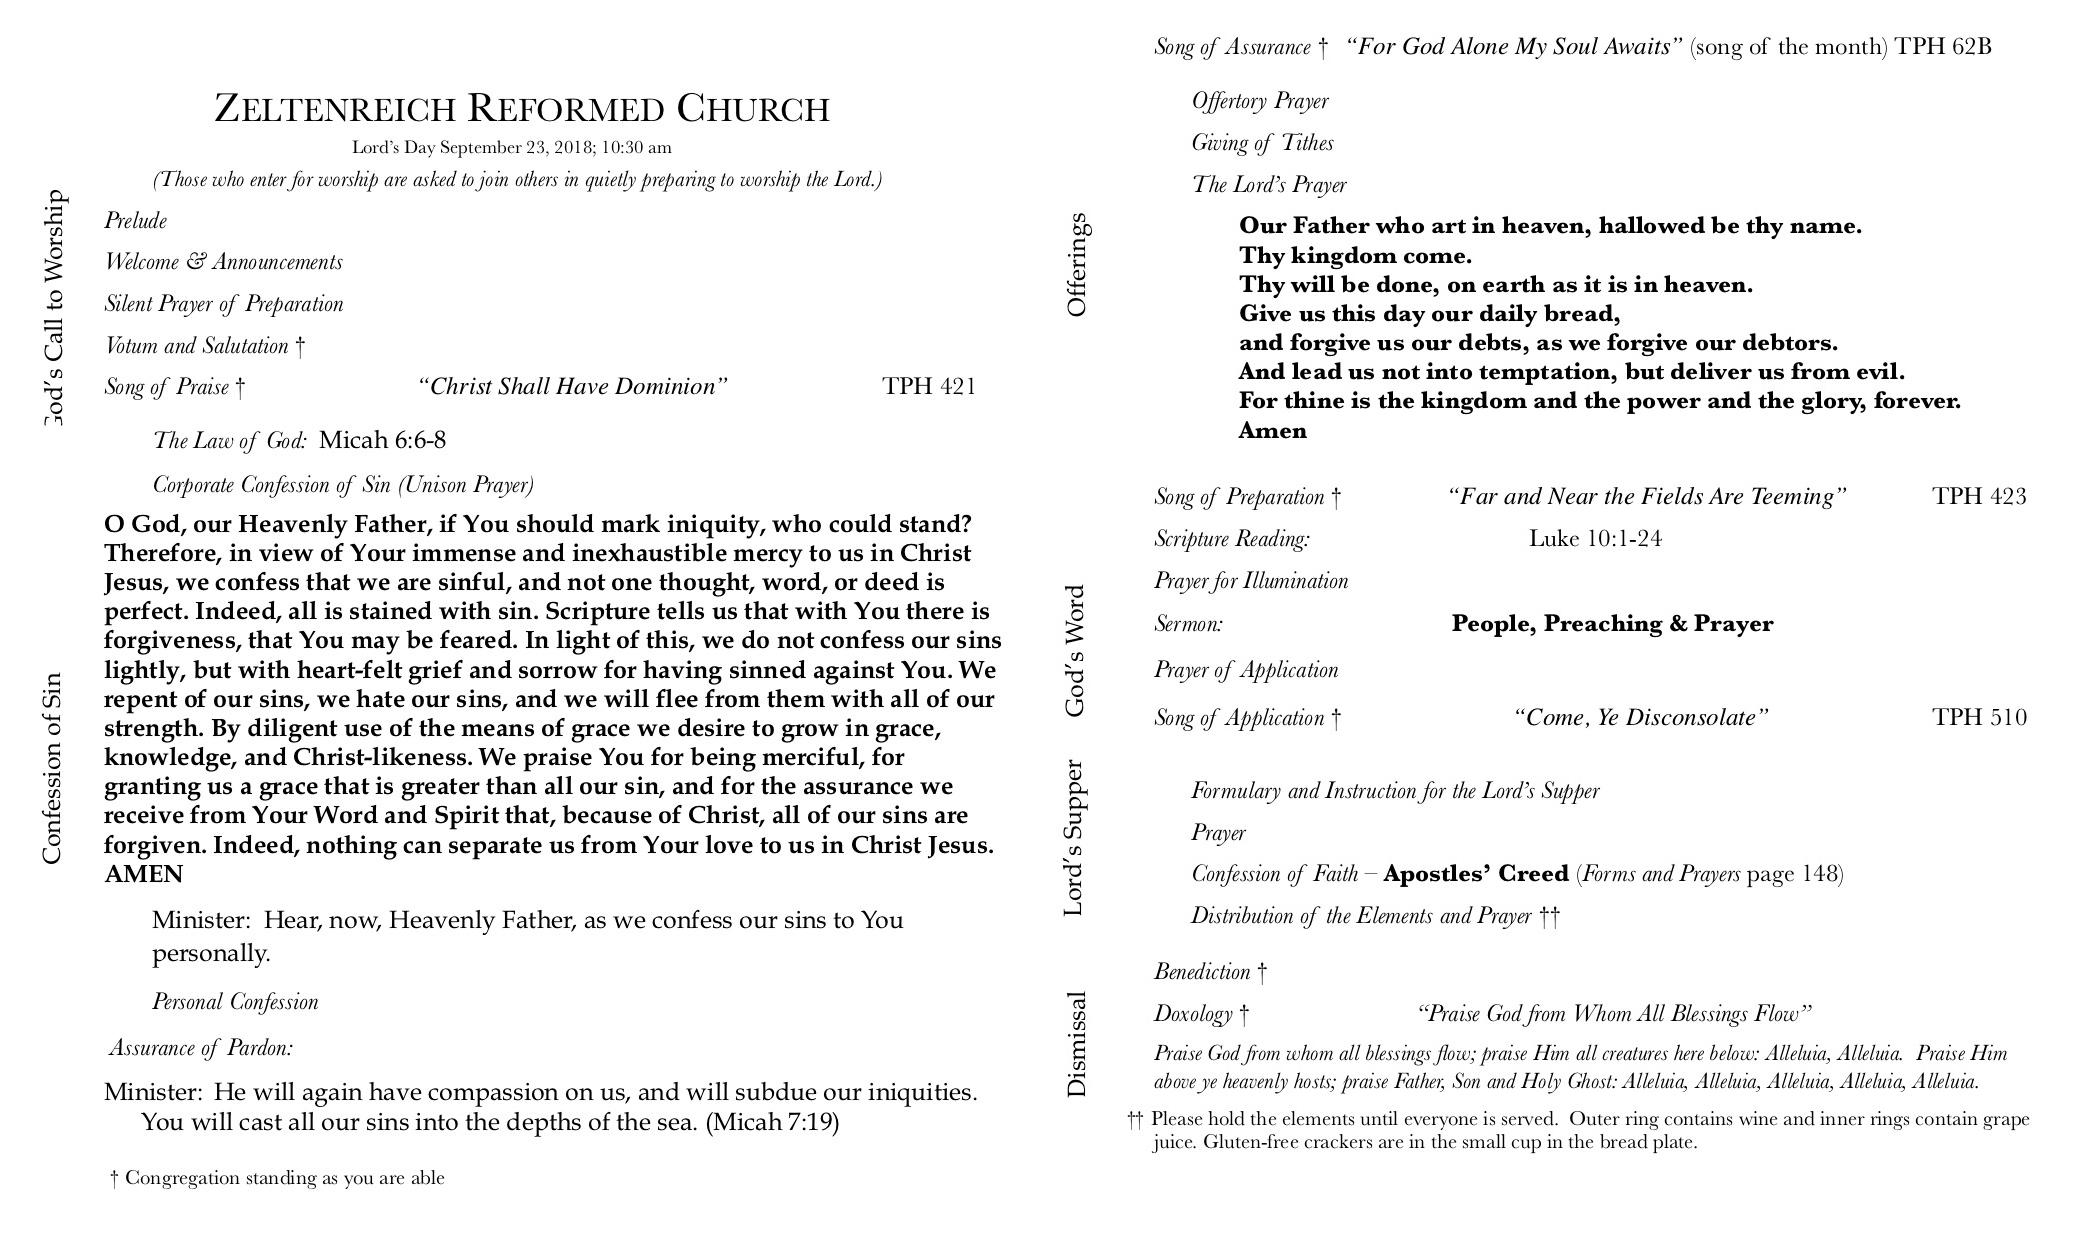 ZRC Bulletin 9.23.18.jpg